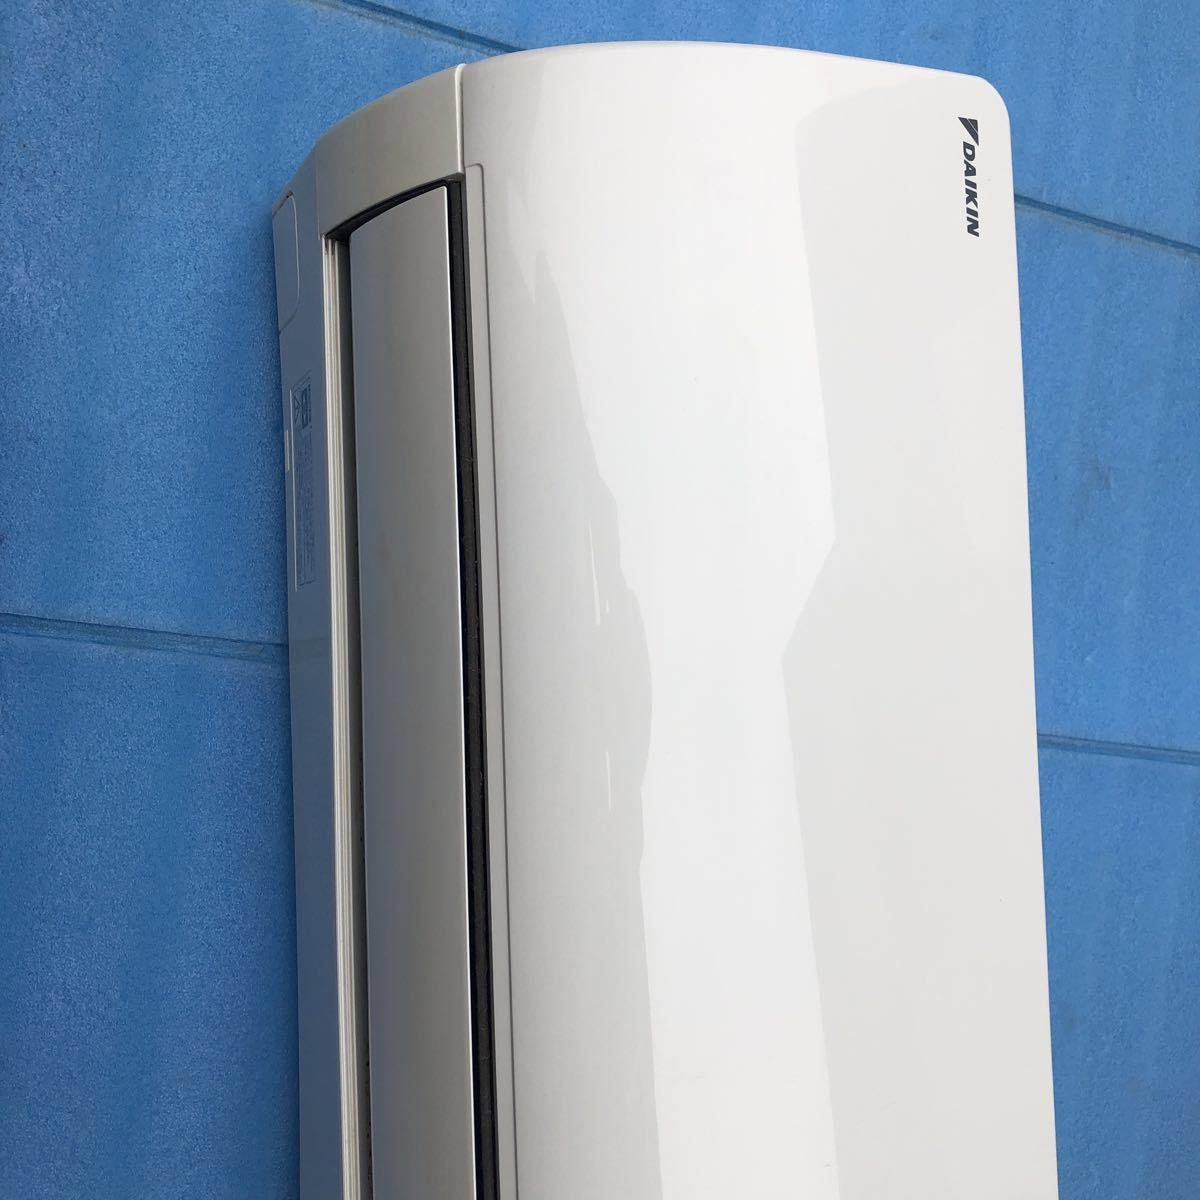 ダイキン DAIKIN 2014年製 光速ストリーマ搭載 ルームエアコン 3.6kW ~15畳 AN36RES 中古品 送料安 禁煙 ペット無し_画像4